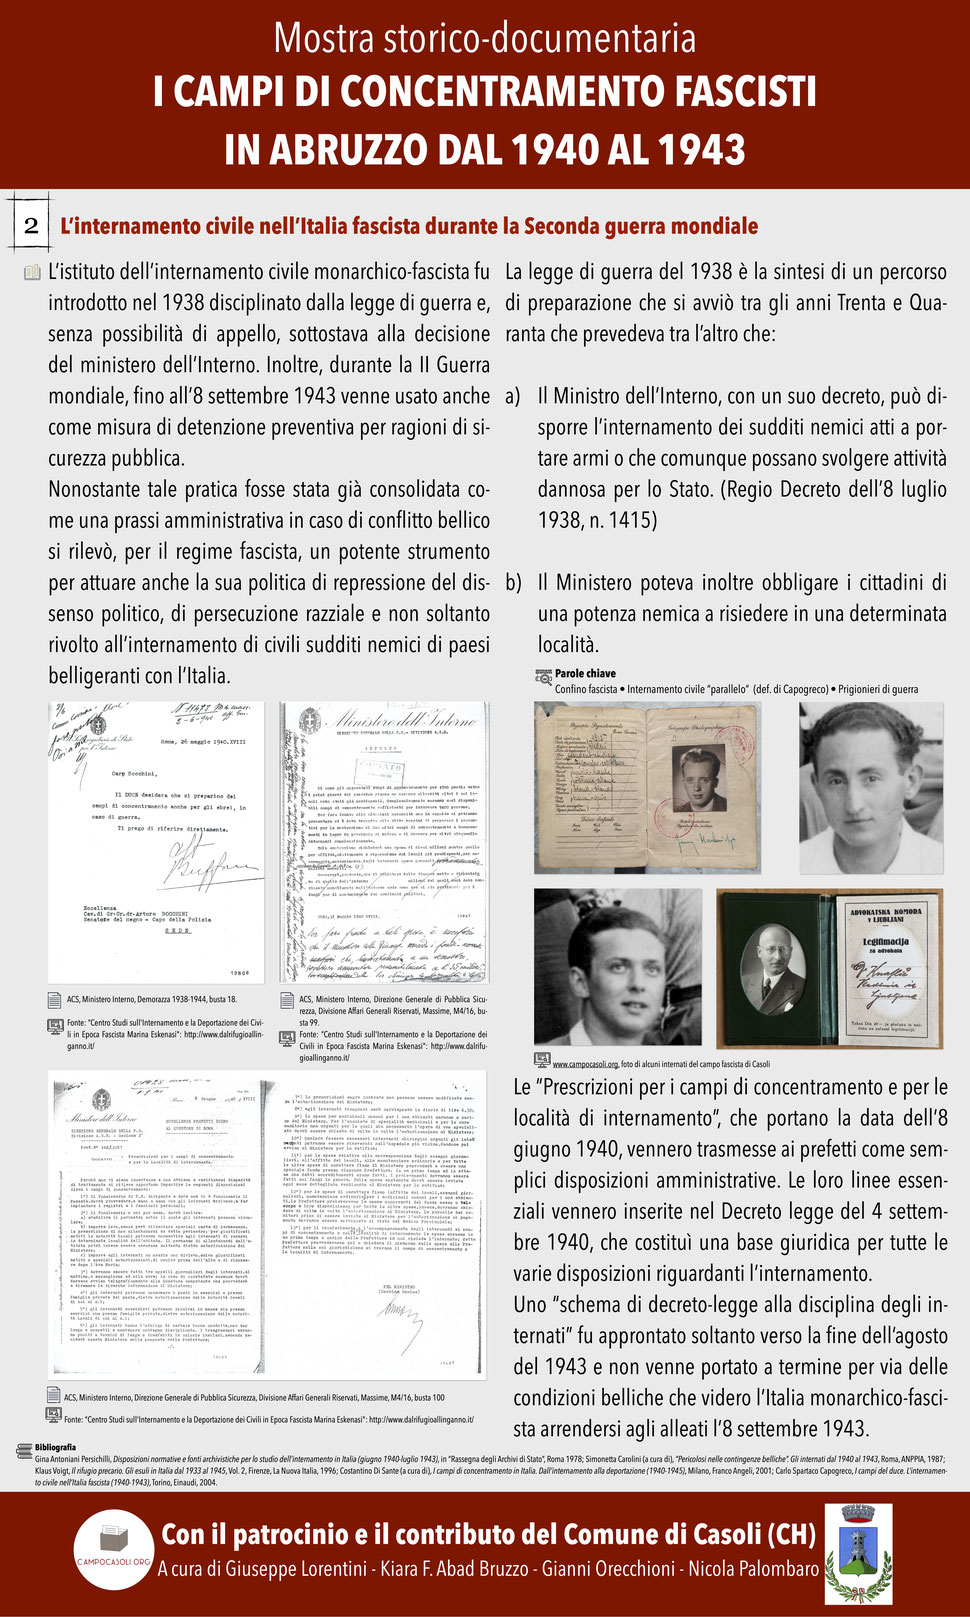 2. L'internamento civile nell'Italia fascista durante la Seconda guerra mondiale